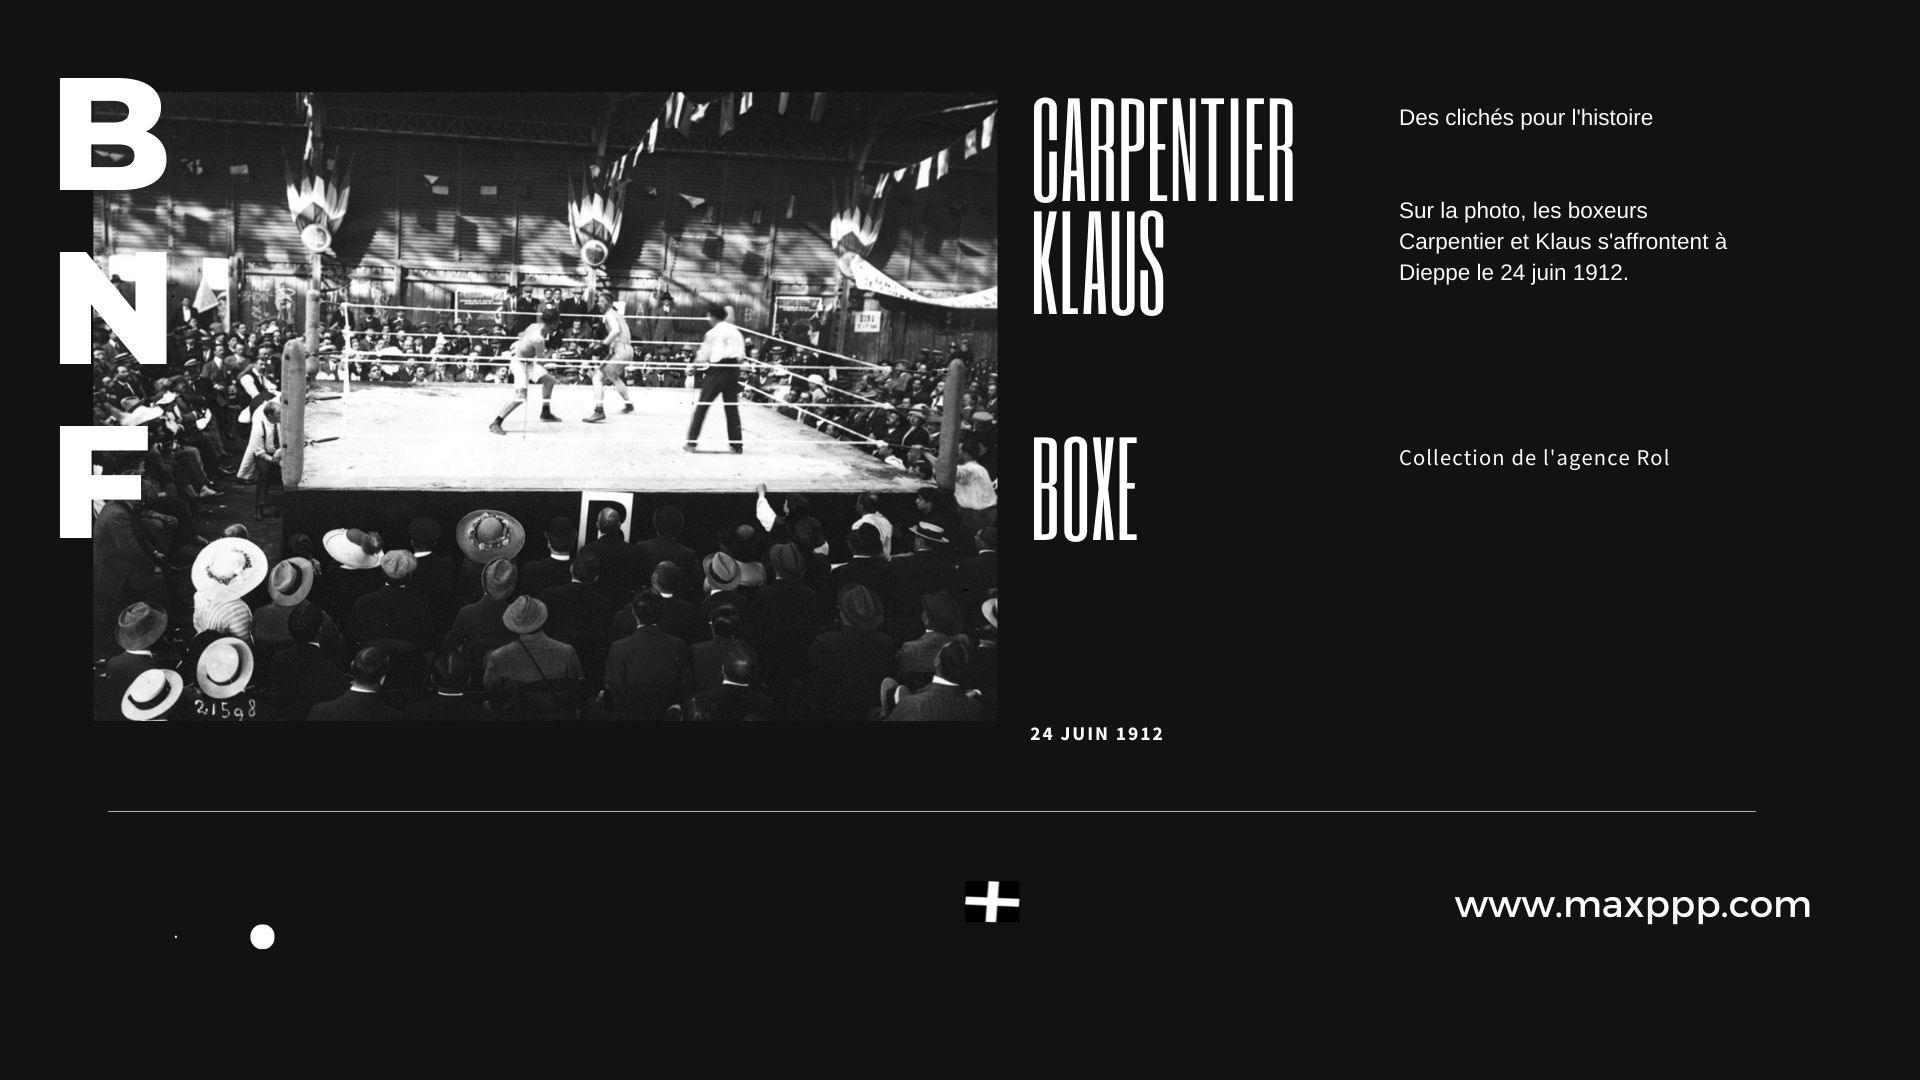 Boxe - Carpentier - Klaus